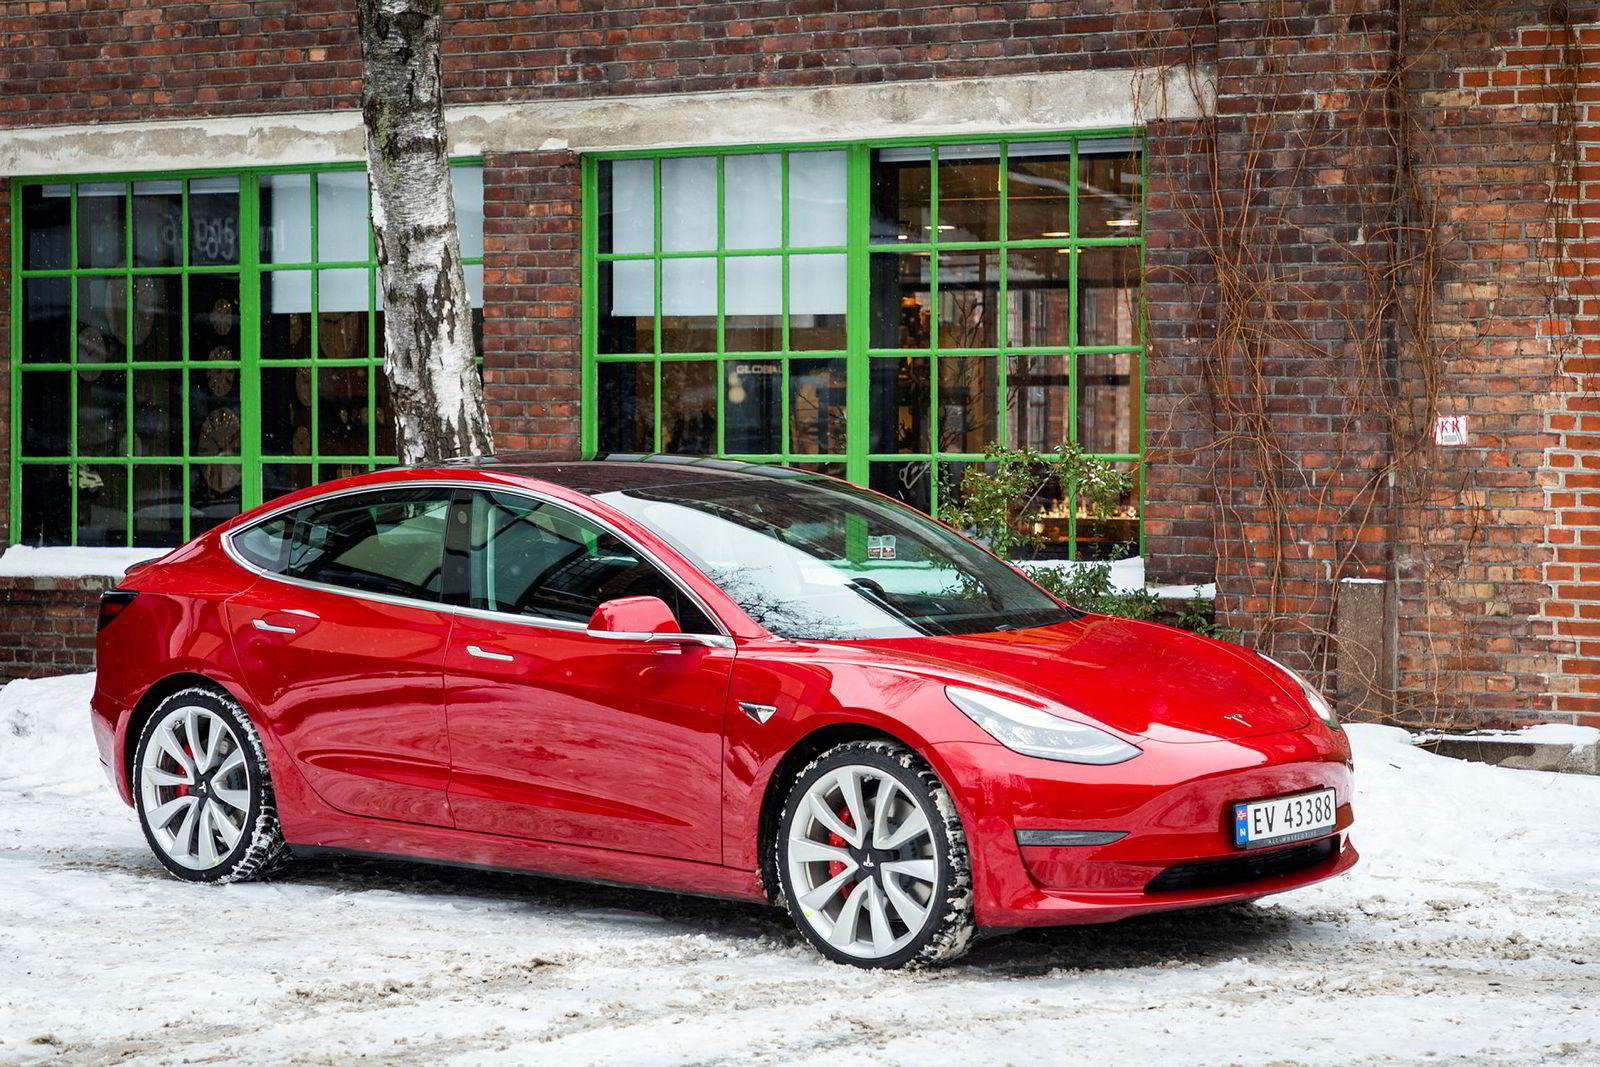 Denne bilen kommer til å bli et vanlig syn på norske veier.